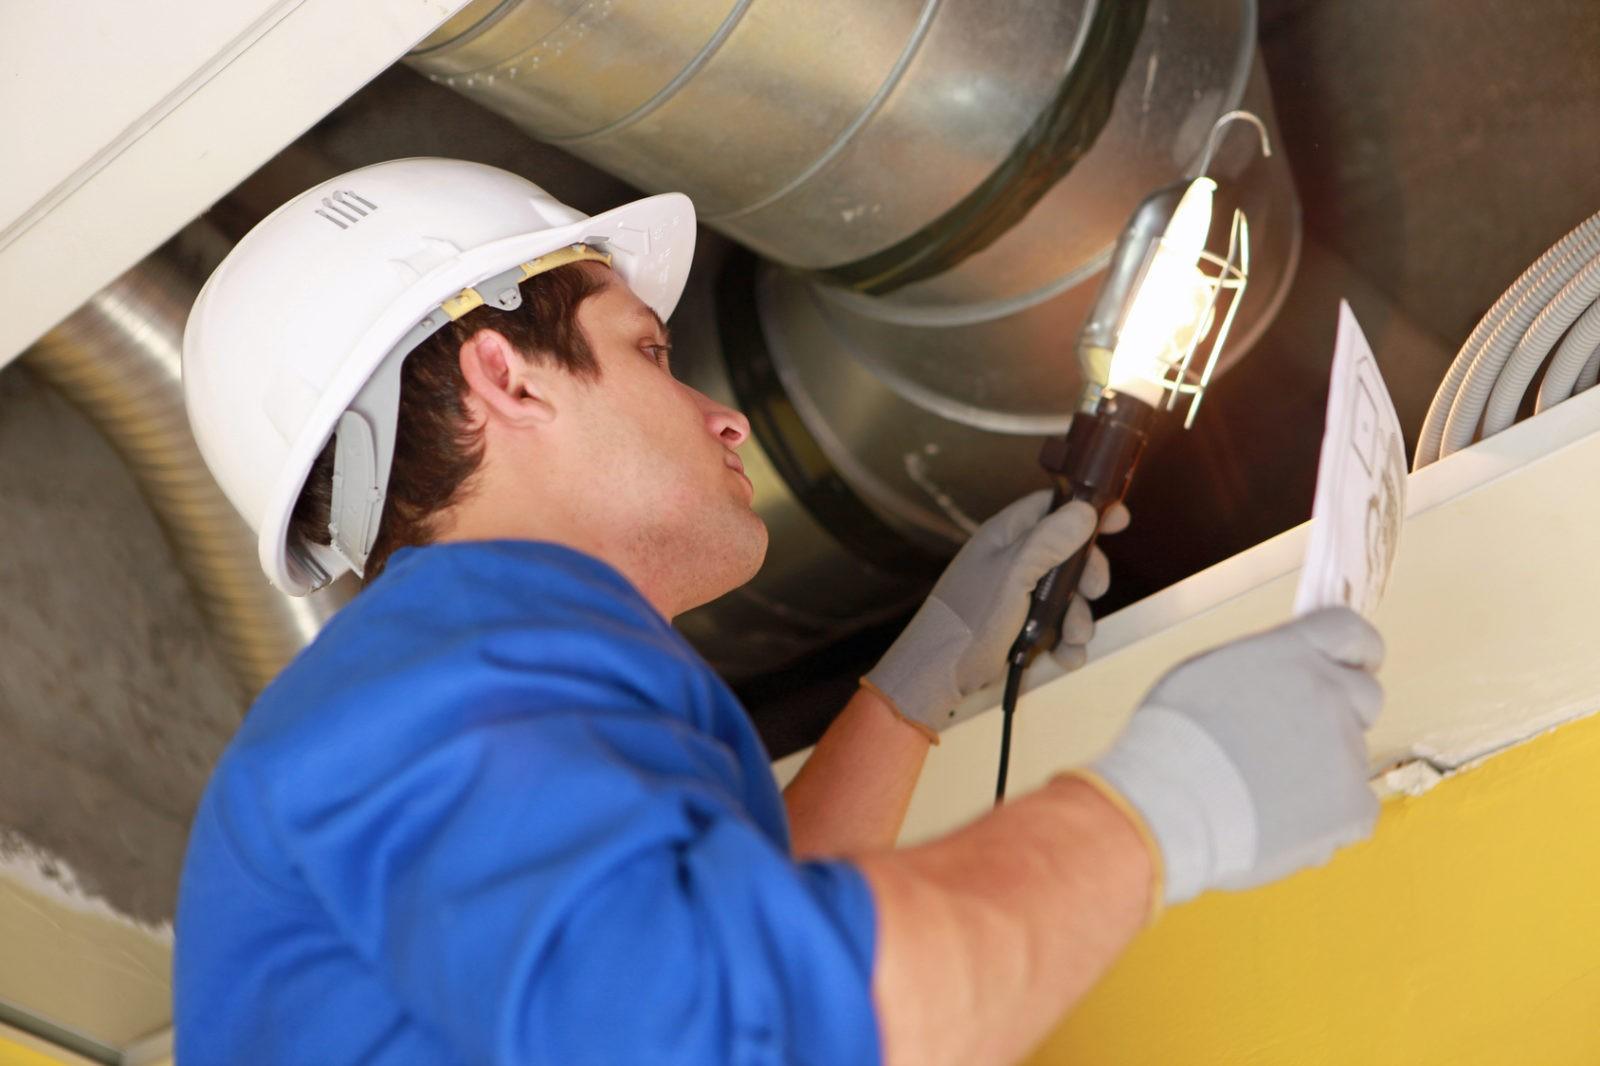 Меры обеспечения пожарной безопасности для вентиляционных систем